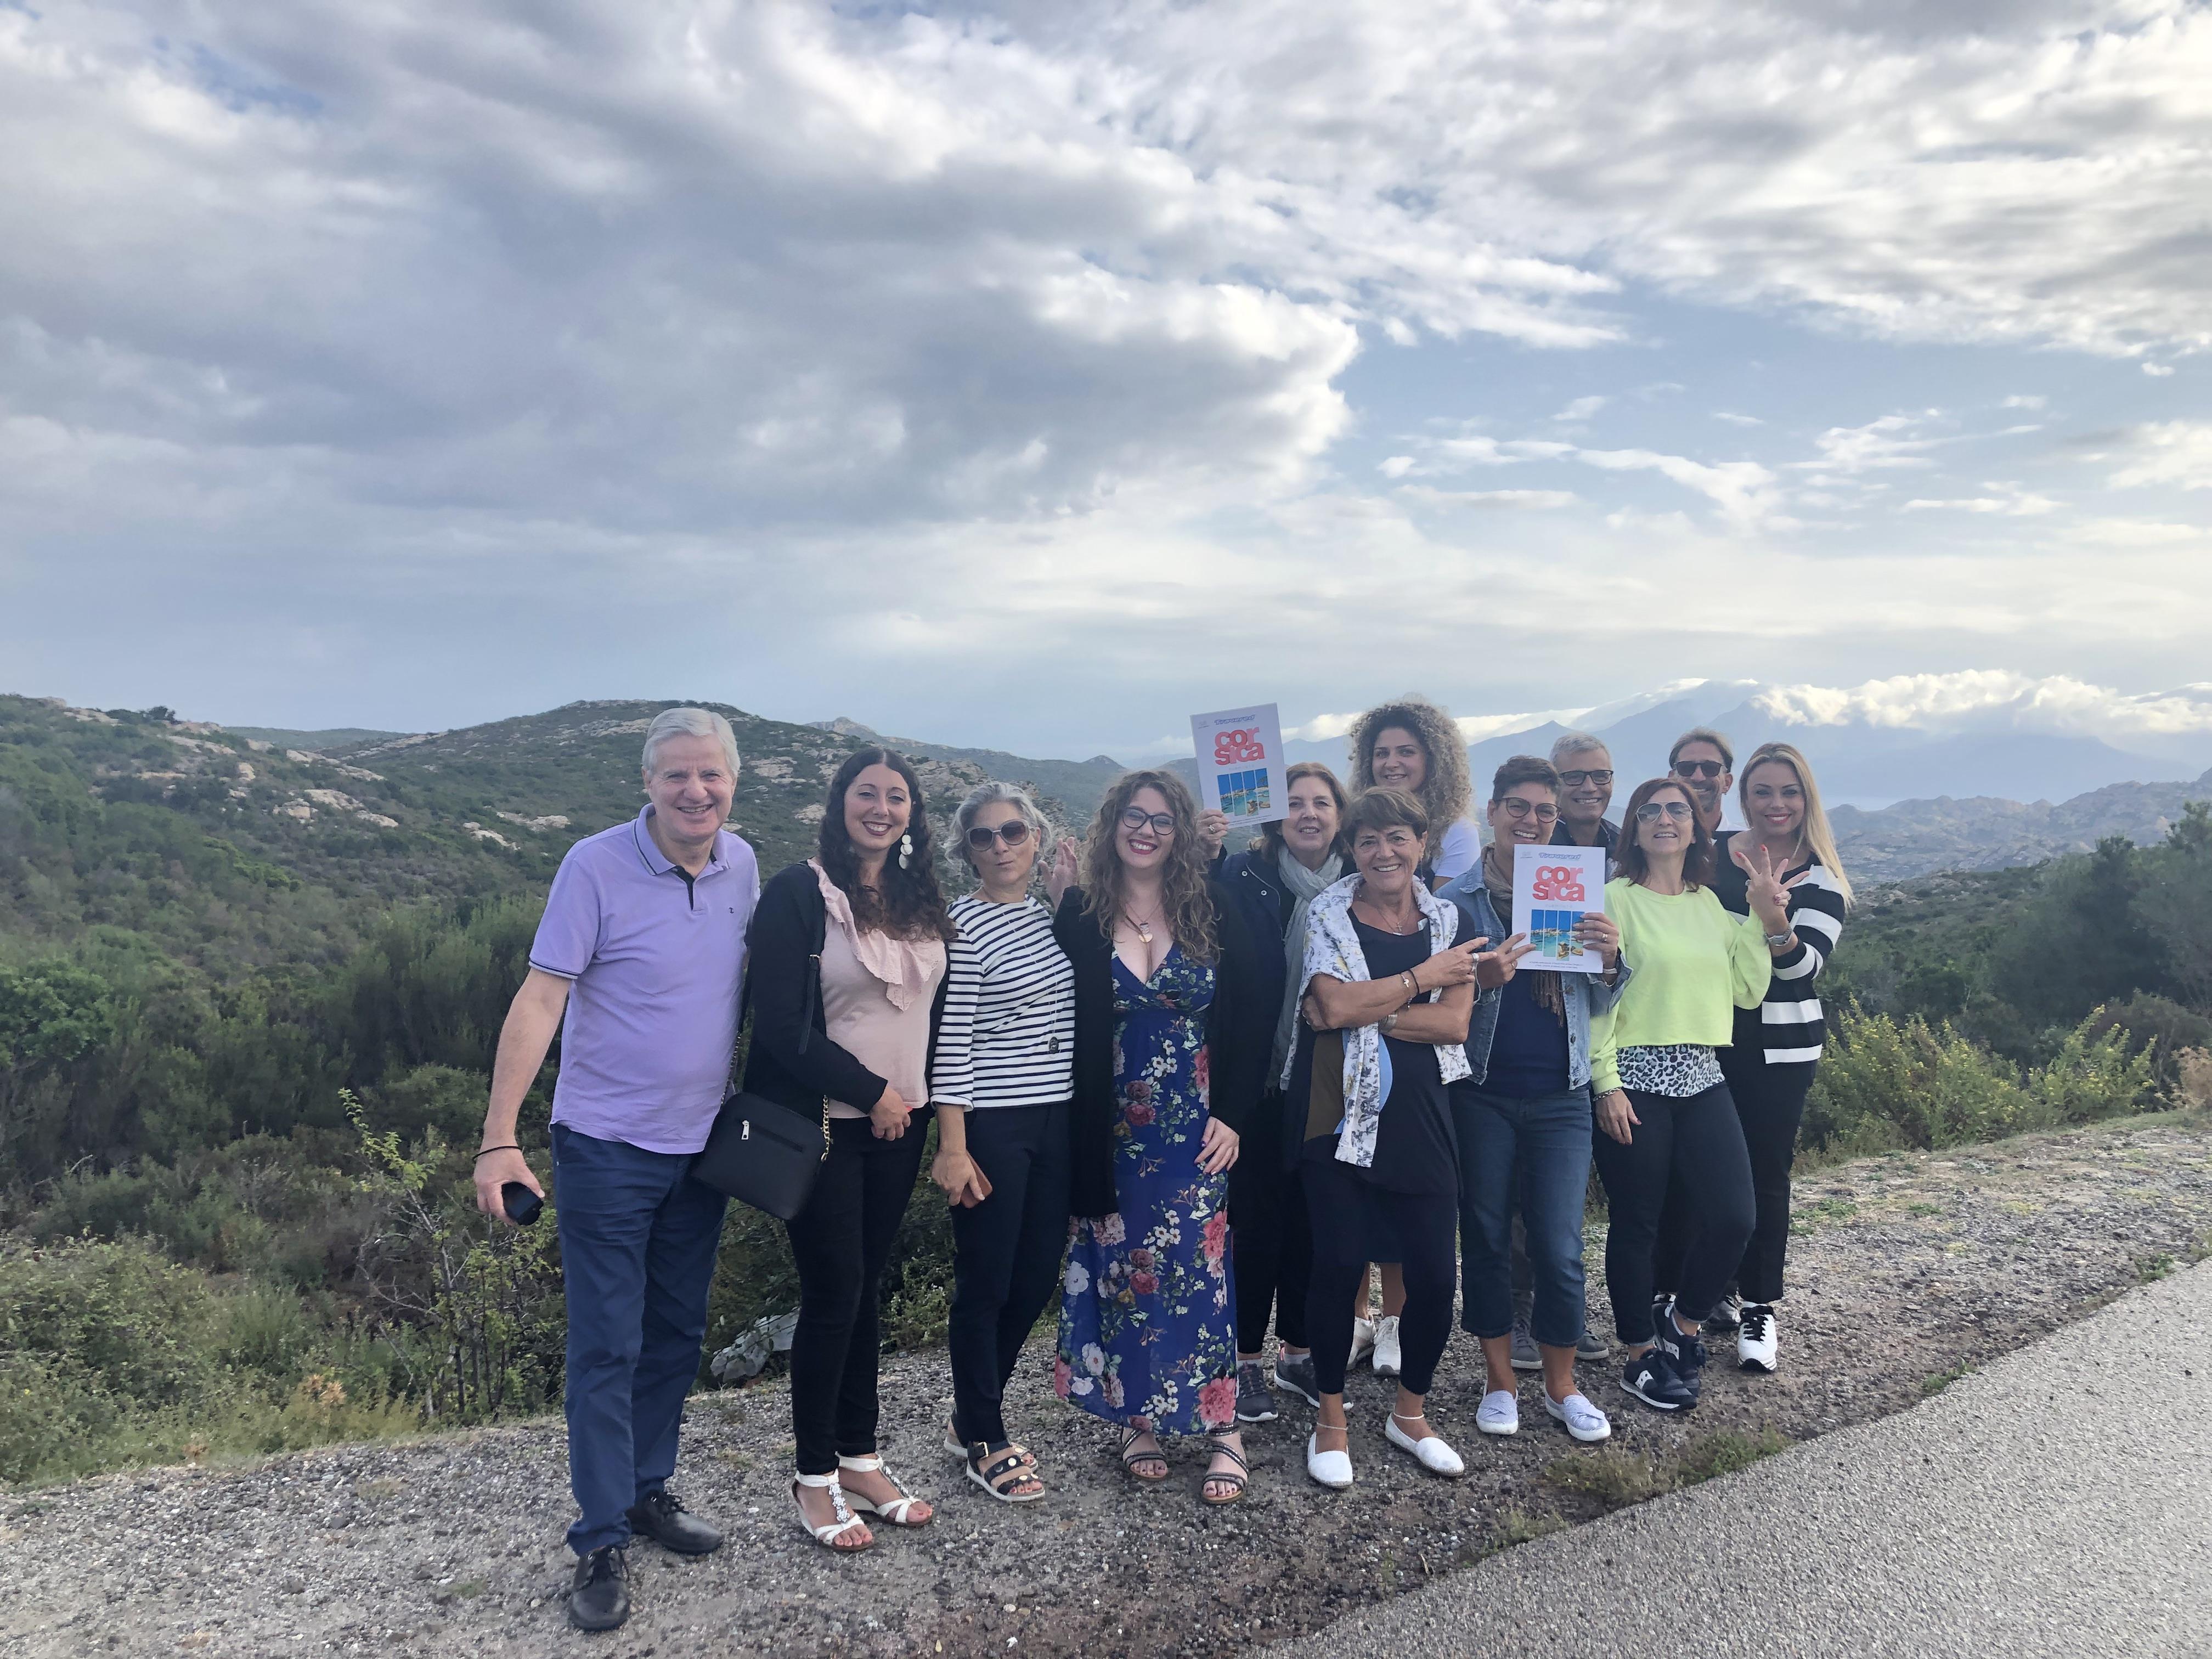 Tourisme culturel, sportif et gastronomique : la Corse séduit les Italiens même hors saison